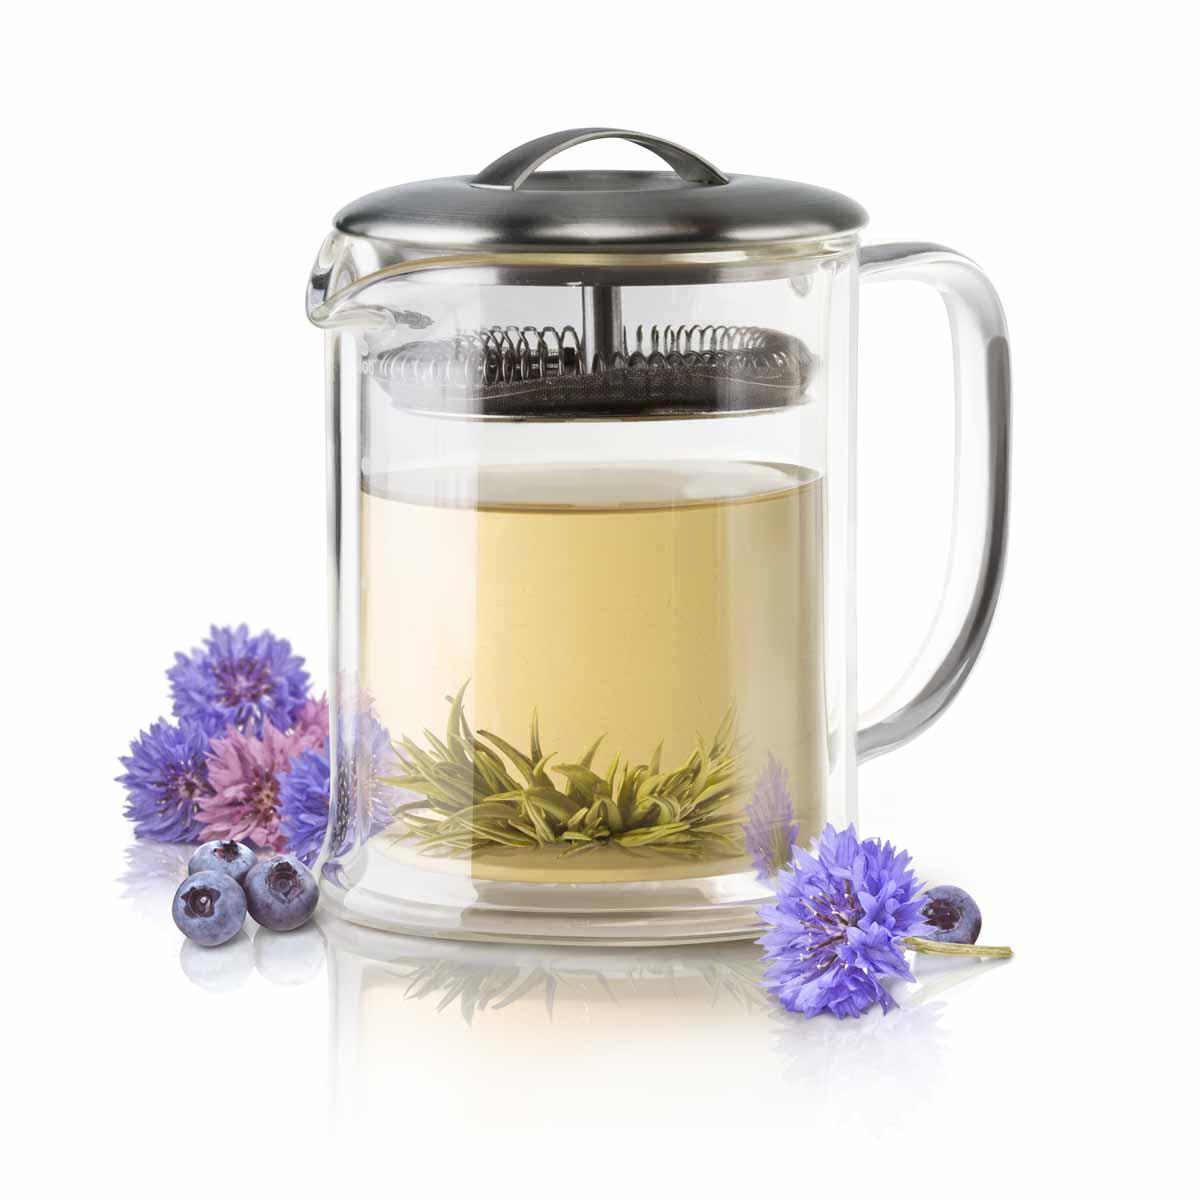 Чайник APOLLO Phantom 350млPHM-35Чайник Apollo Phantom прекрасно подходит для заваривания чая и травяных настоев. Благодаря двойным стенкам, чайник хорошо поглощает и удерживает тепло, поэтому напитки долго остаются теплыми.